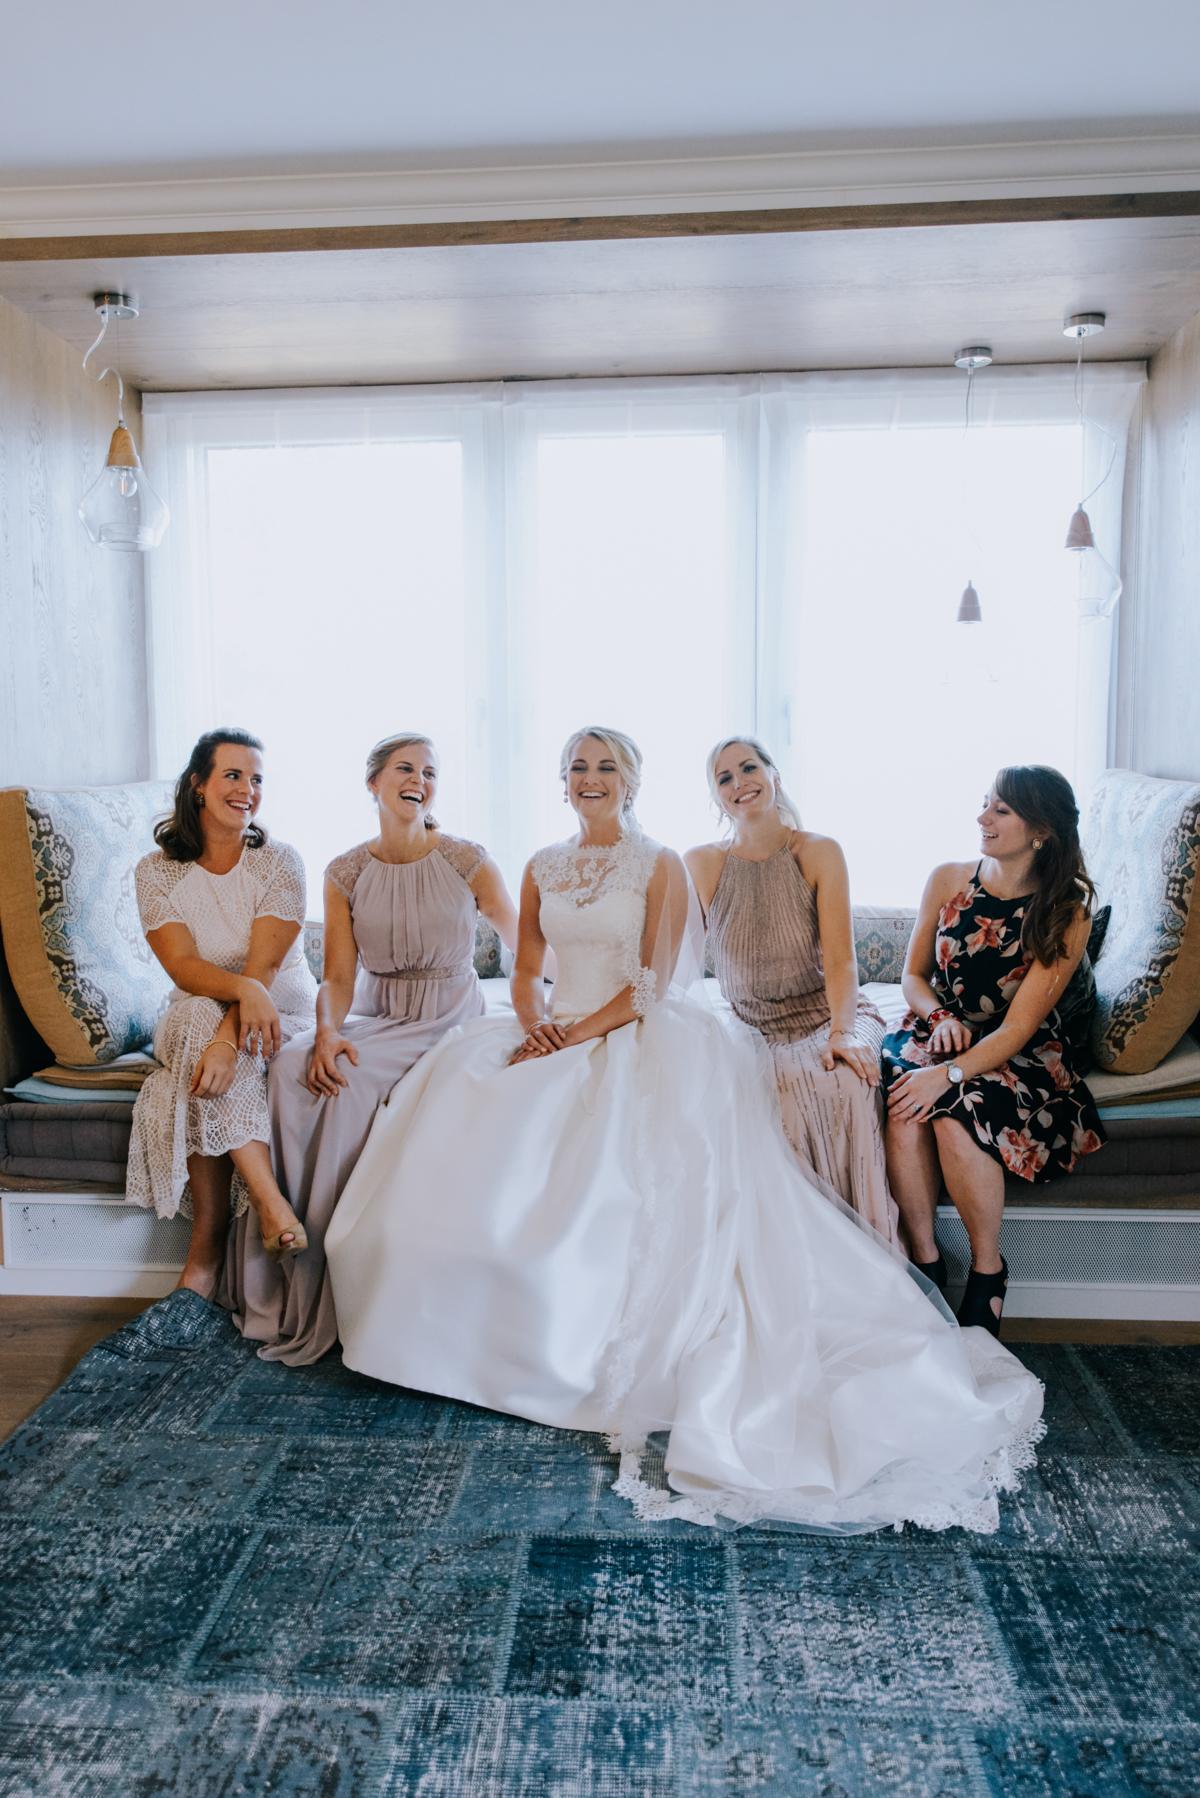 Gruppenbild Braut mit Trauzeugin und Brautjungfern